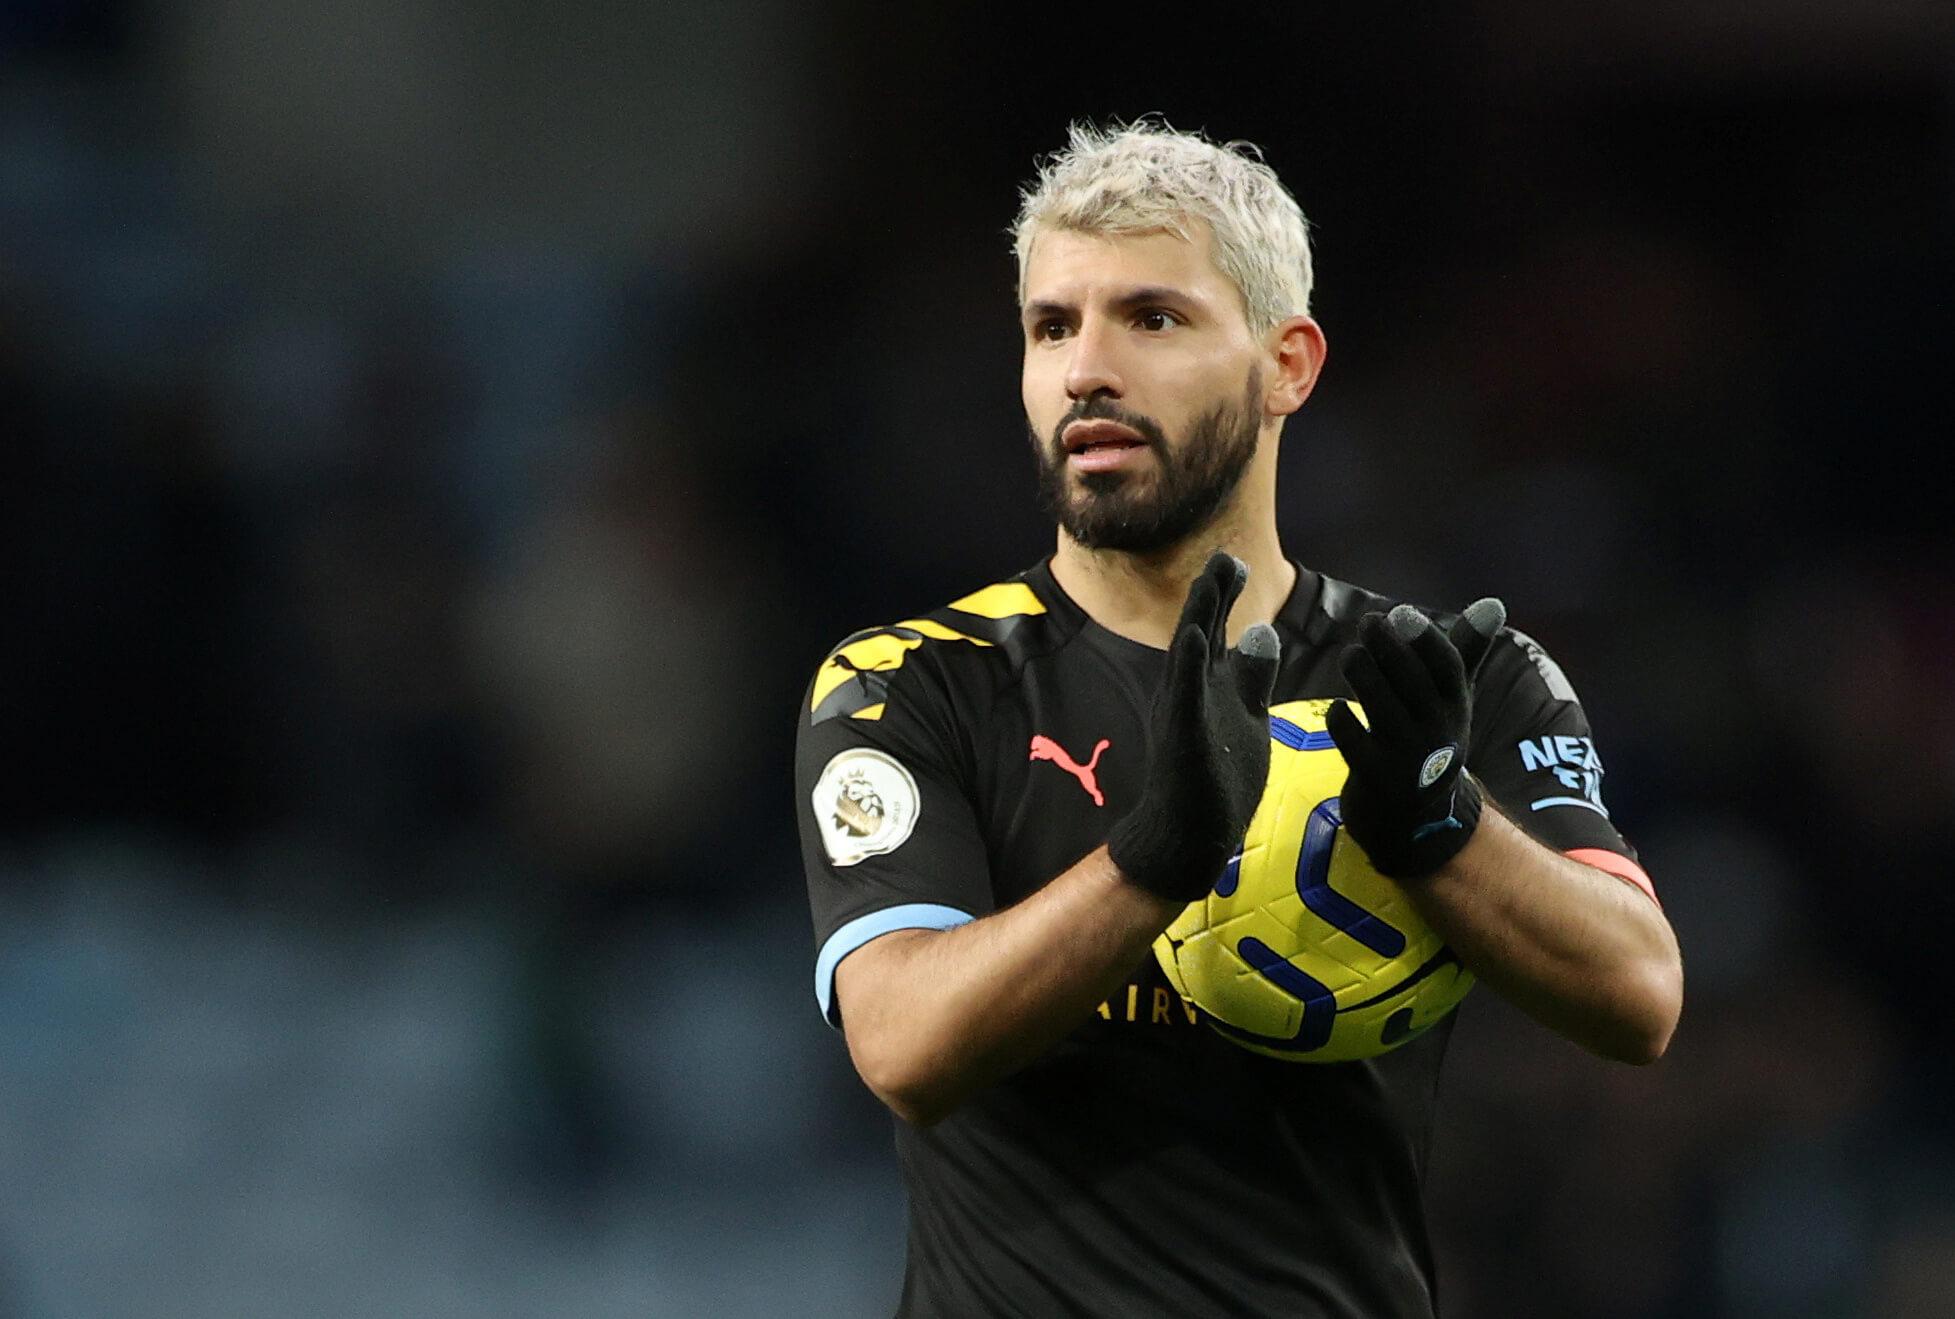 Sergio Aguero, Manchester City, England